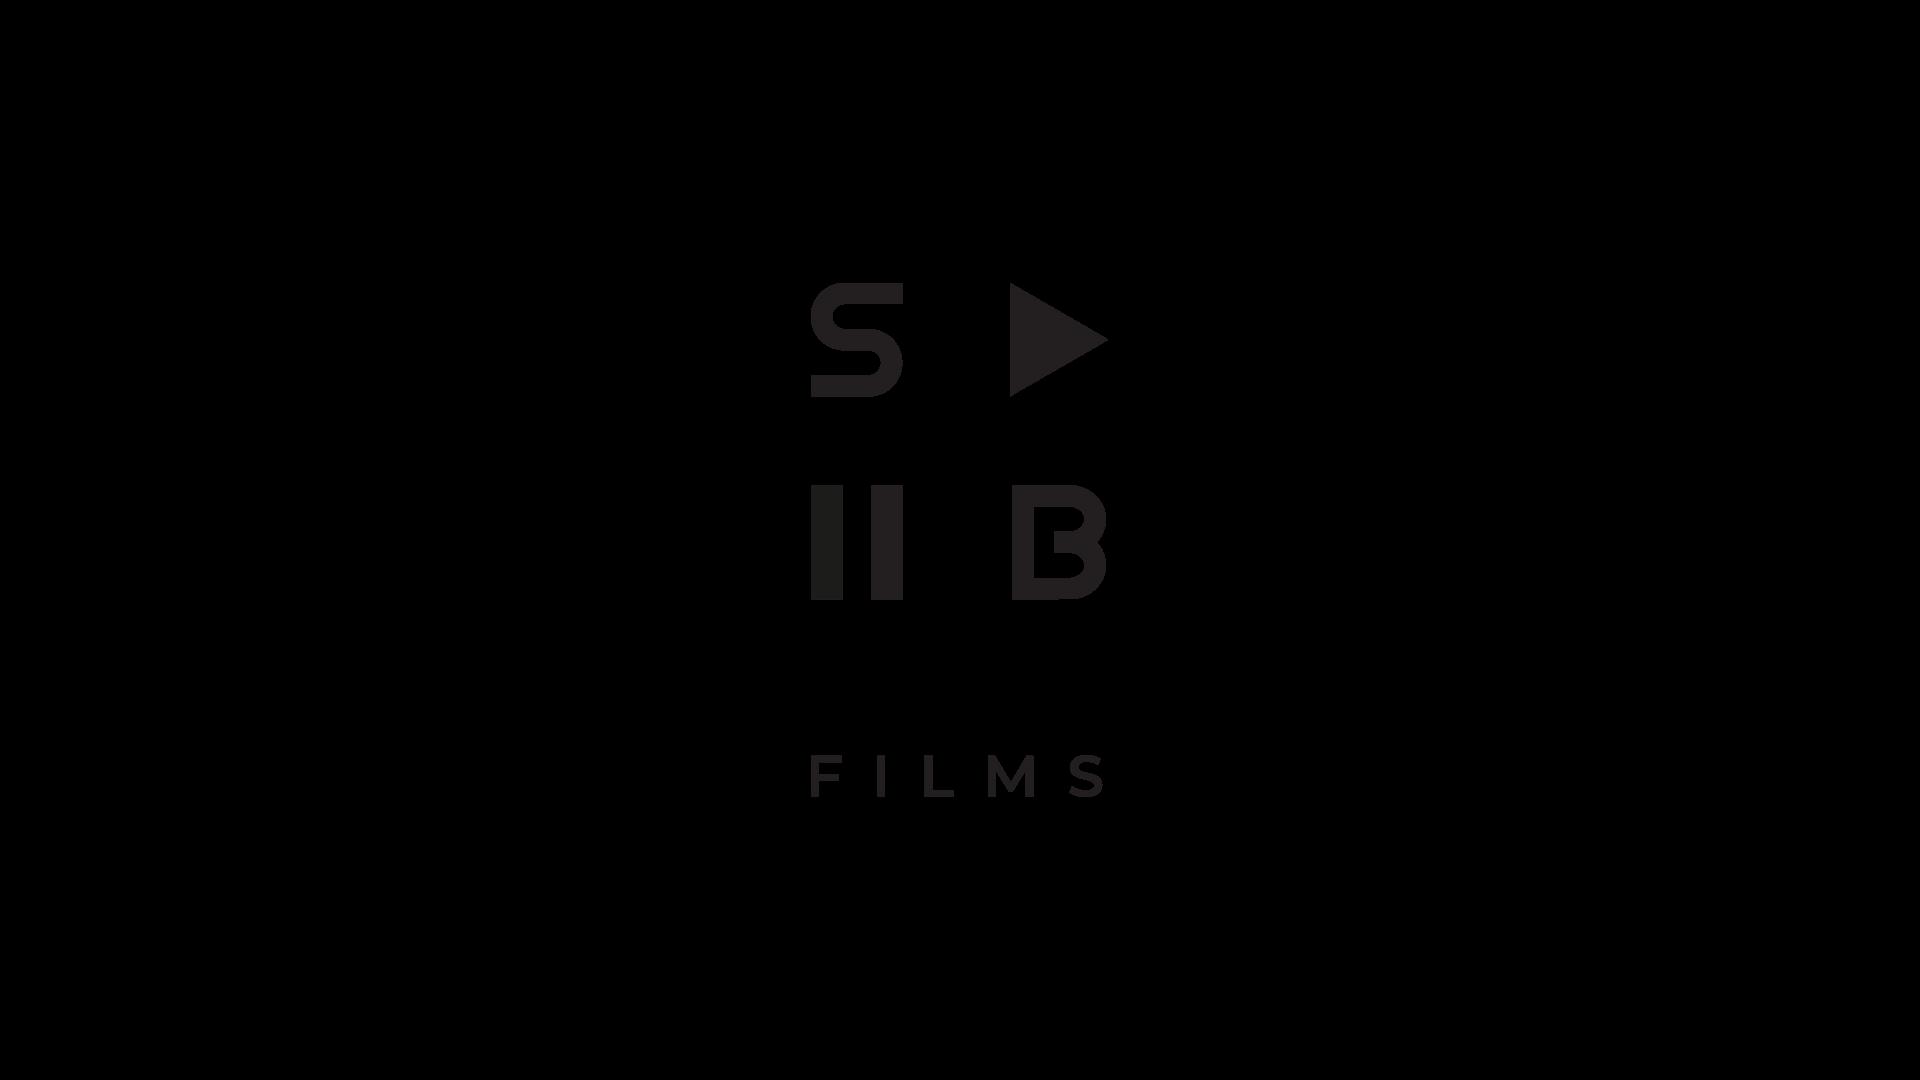 SB FILMS